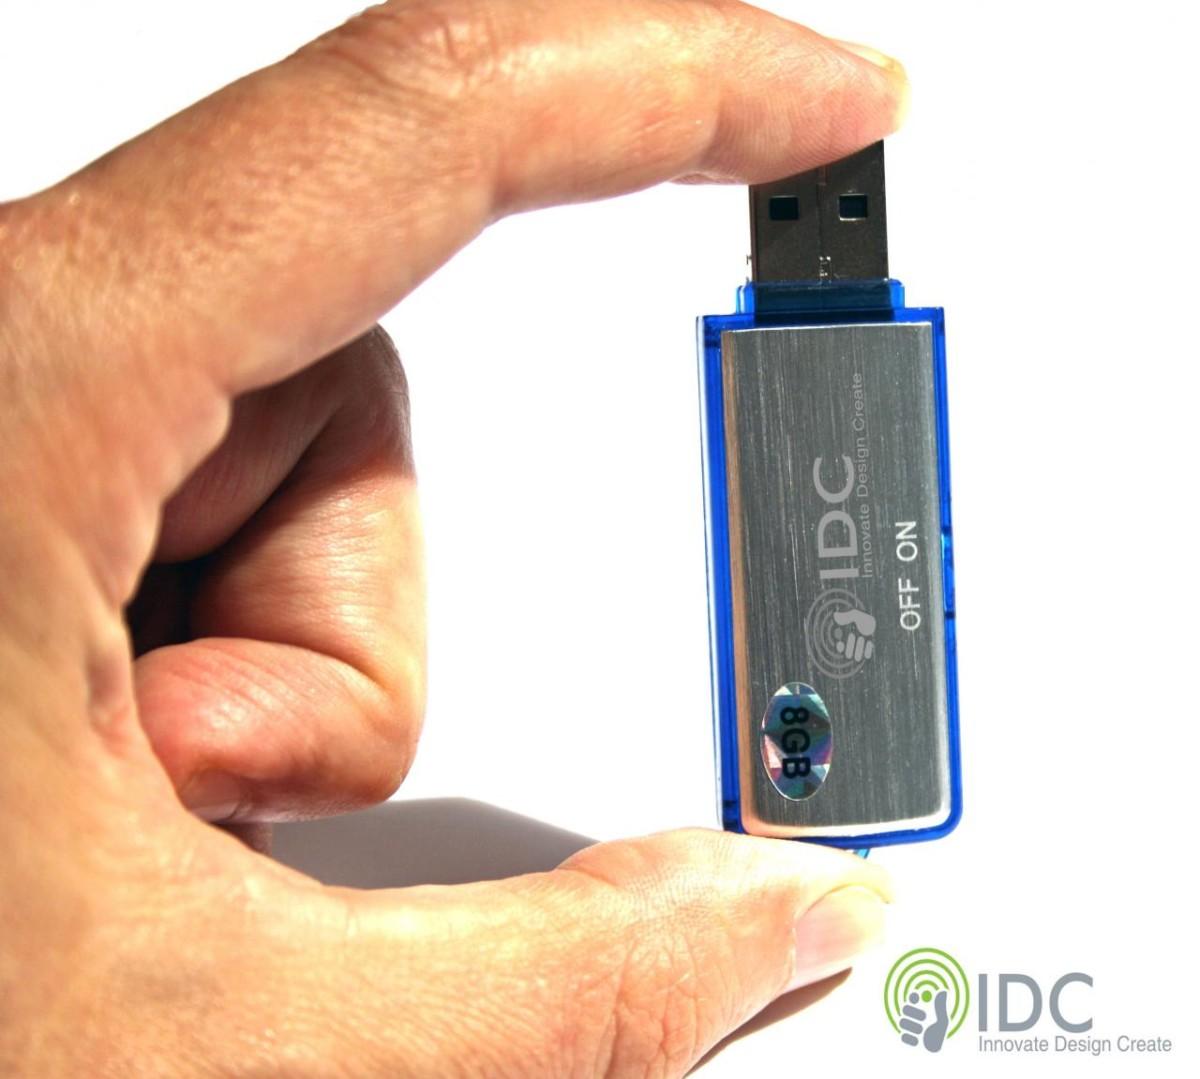 il peut également être utilisé une clé USB standard pour stocker